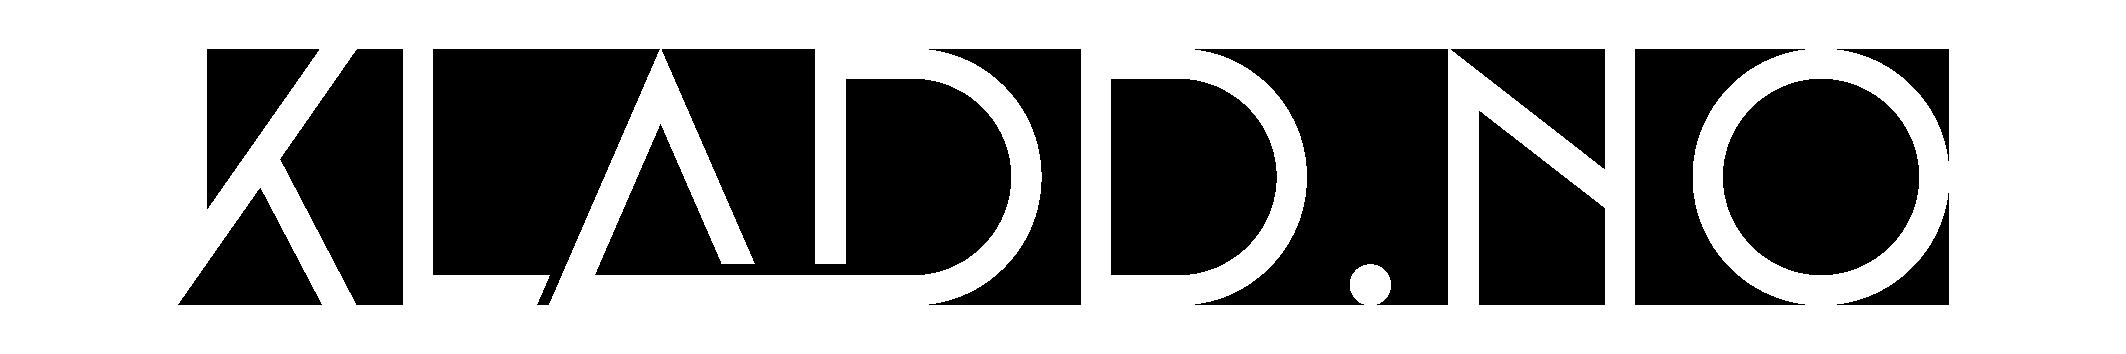 Kladd_no-LOGO-hvit.png